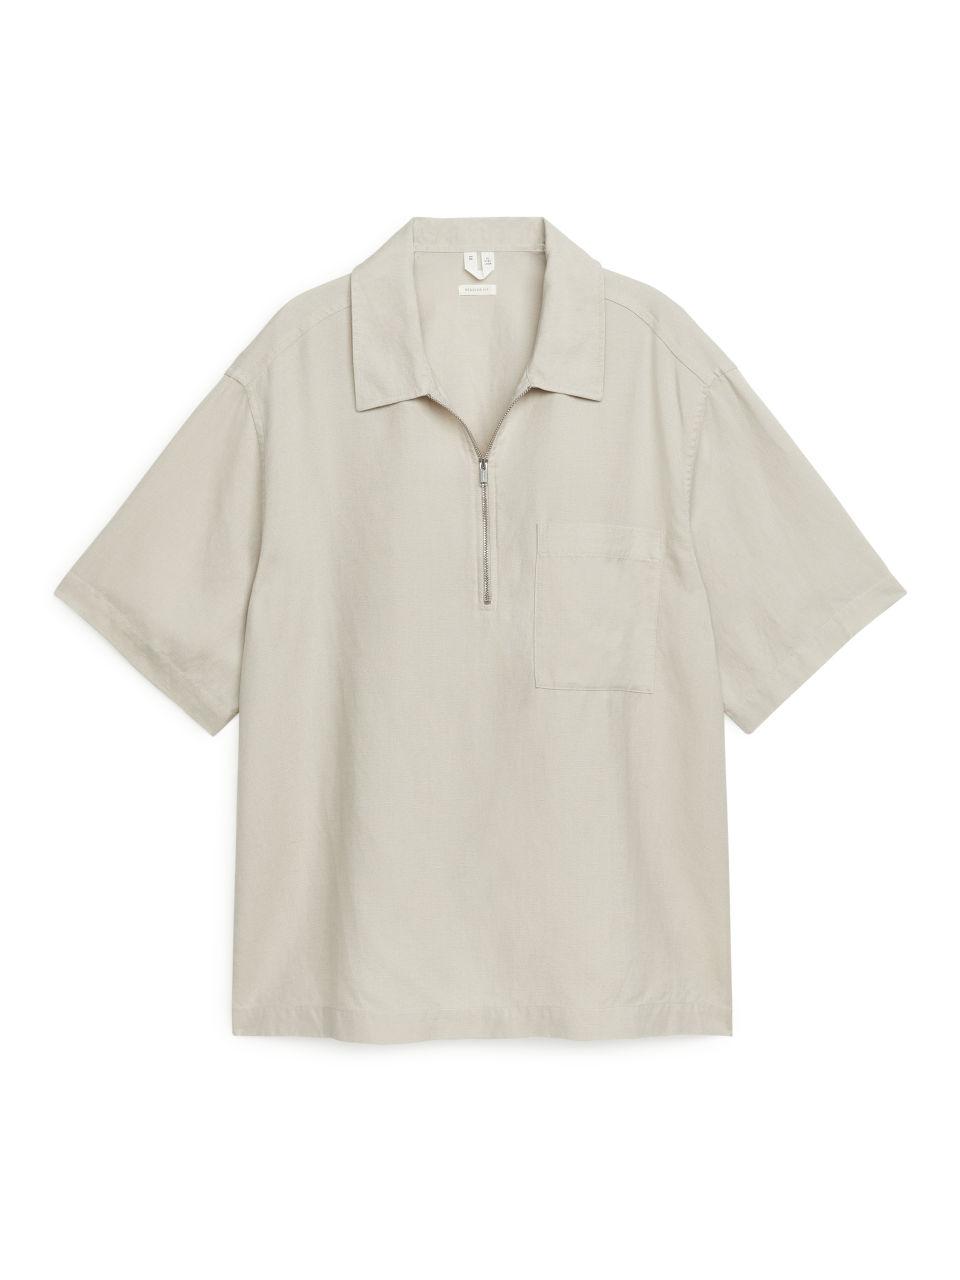 Half-Zip Short-Sleeved Shirt - Beige